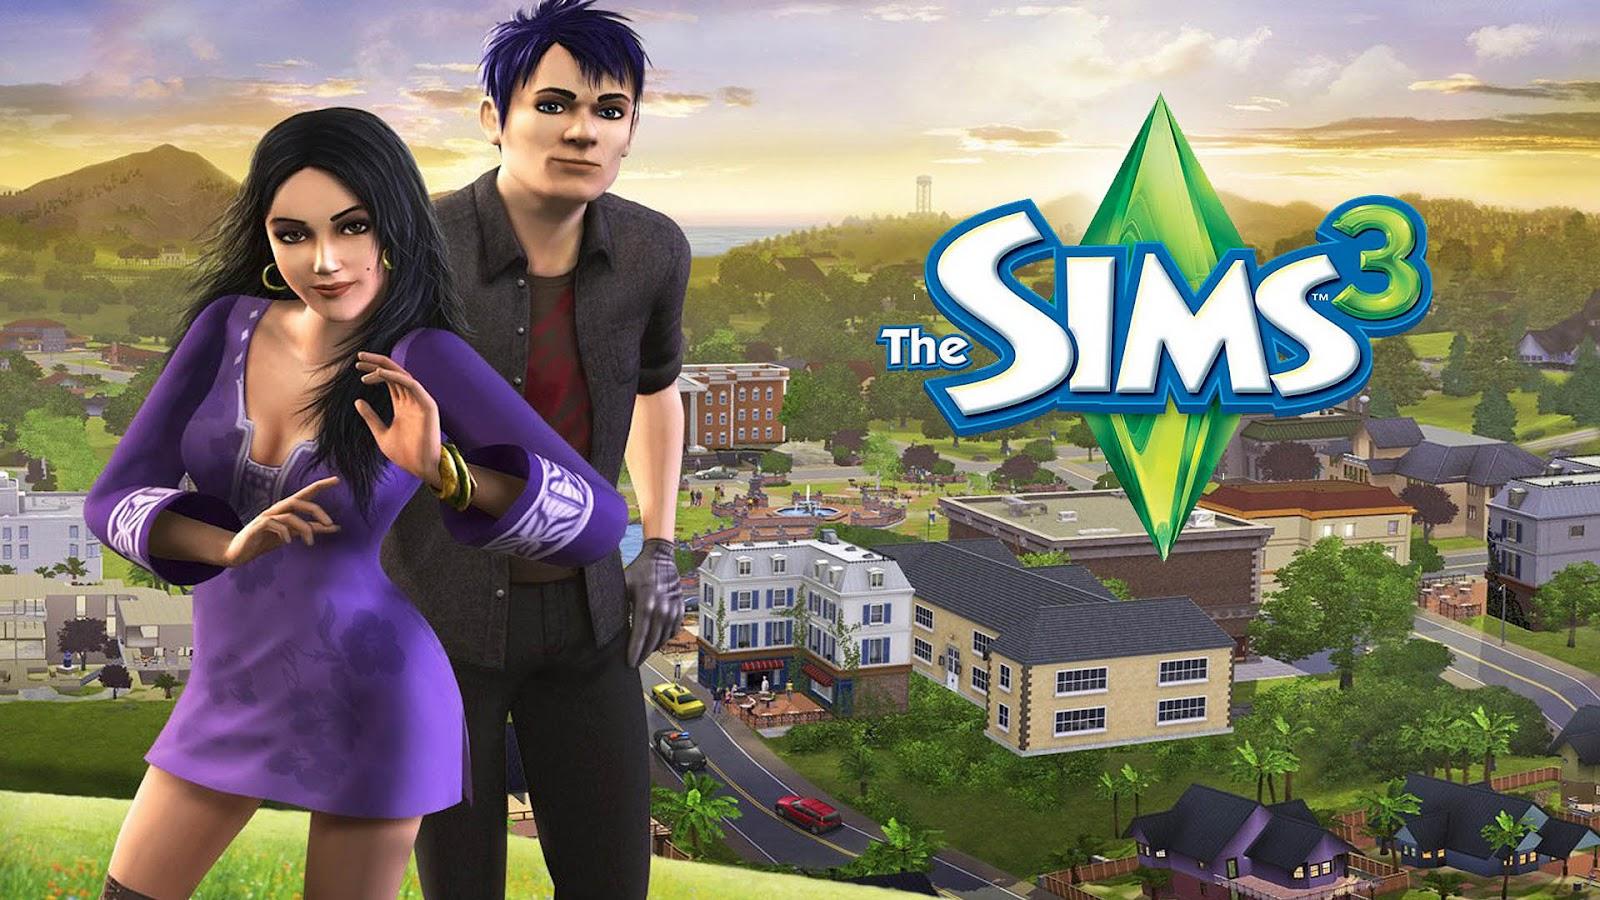 The Sims 3 wallpaper met een man en vrouw en een stad uit de Sims op 1600x900